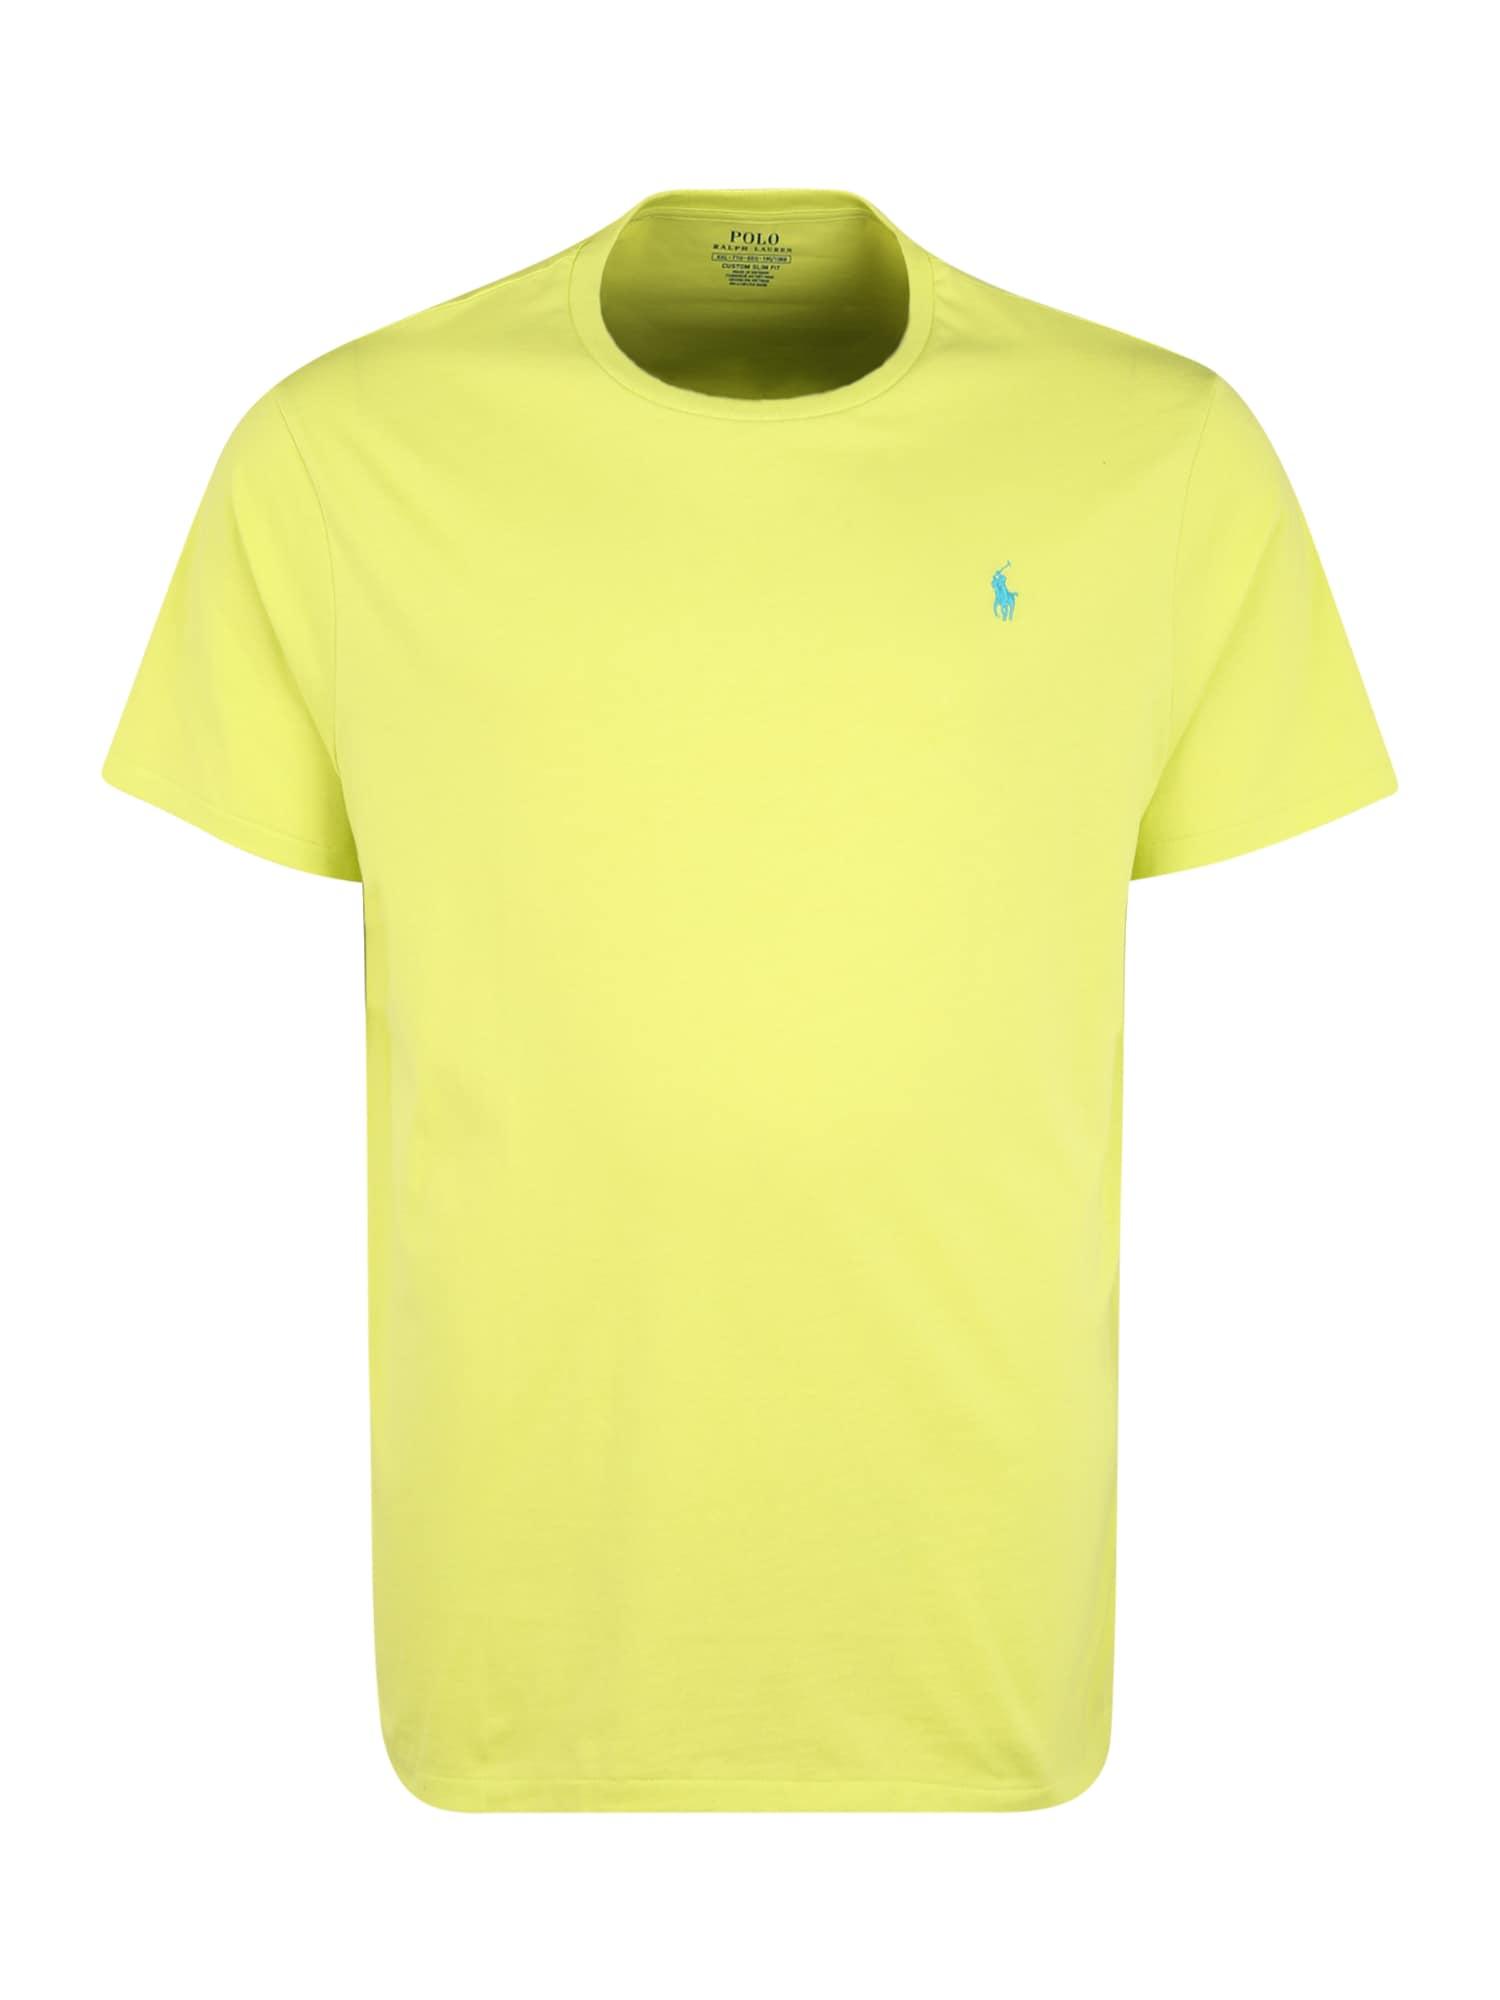 POLO RALPH LAUREN Marškinėliai neoninė geltona / vandens spalva